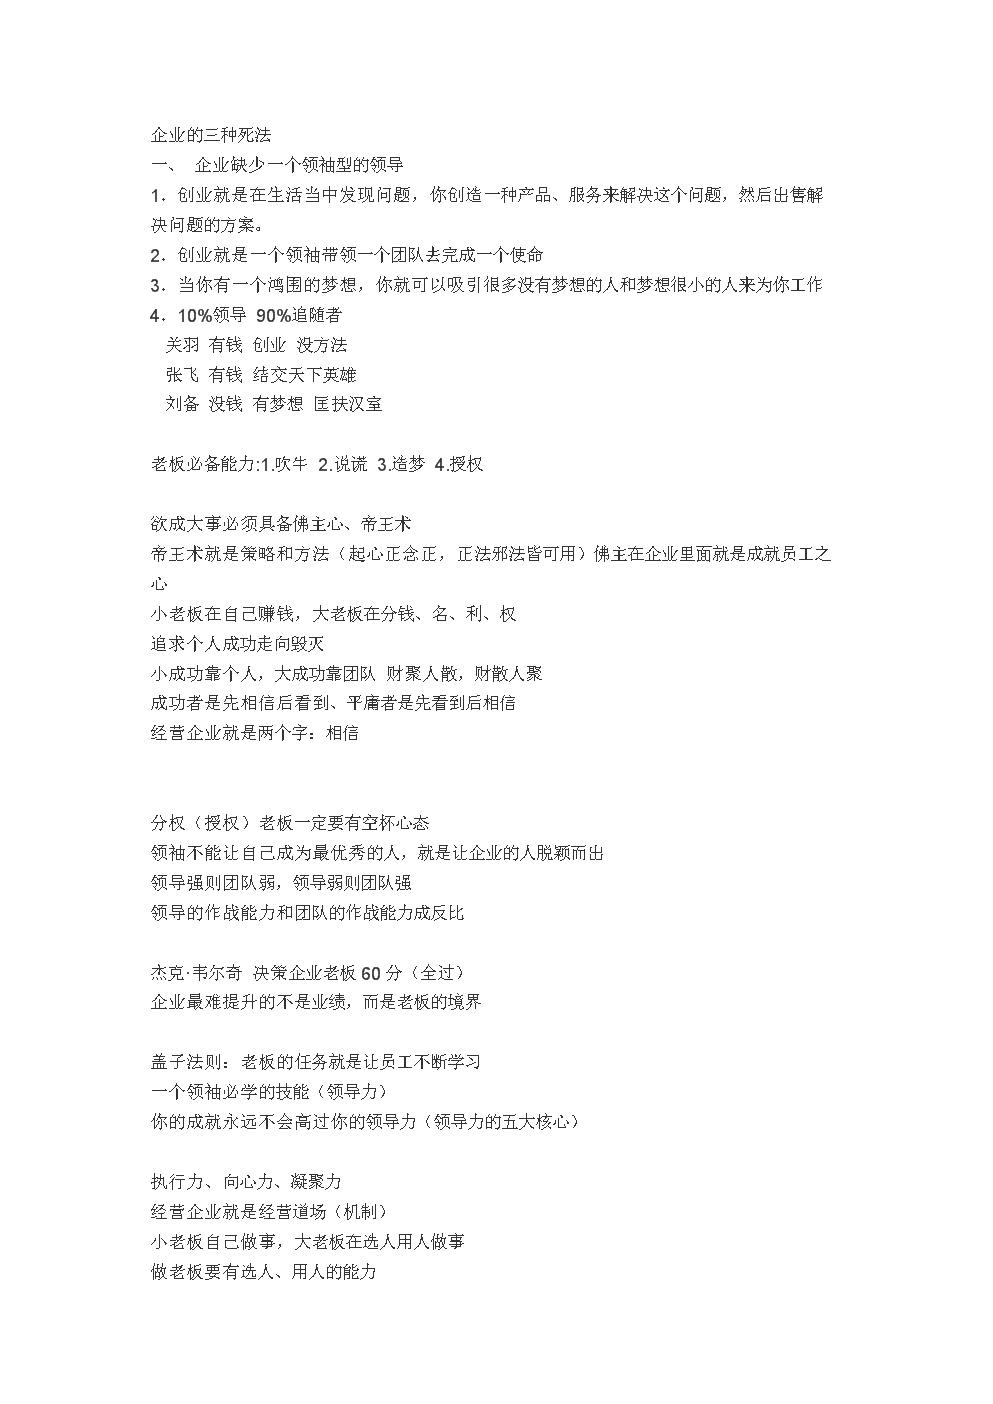 经营之道笔记.docx